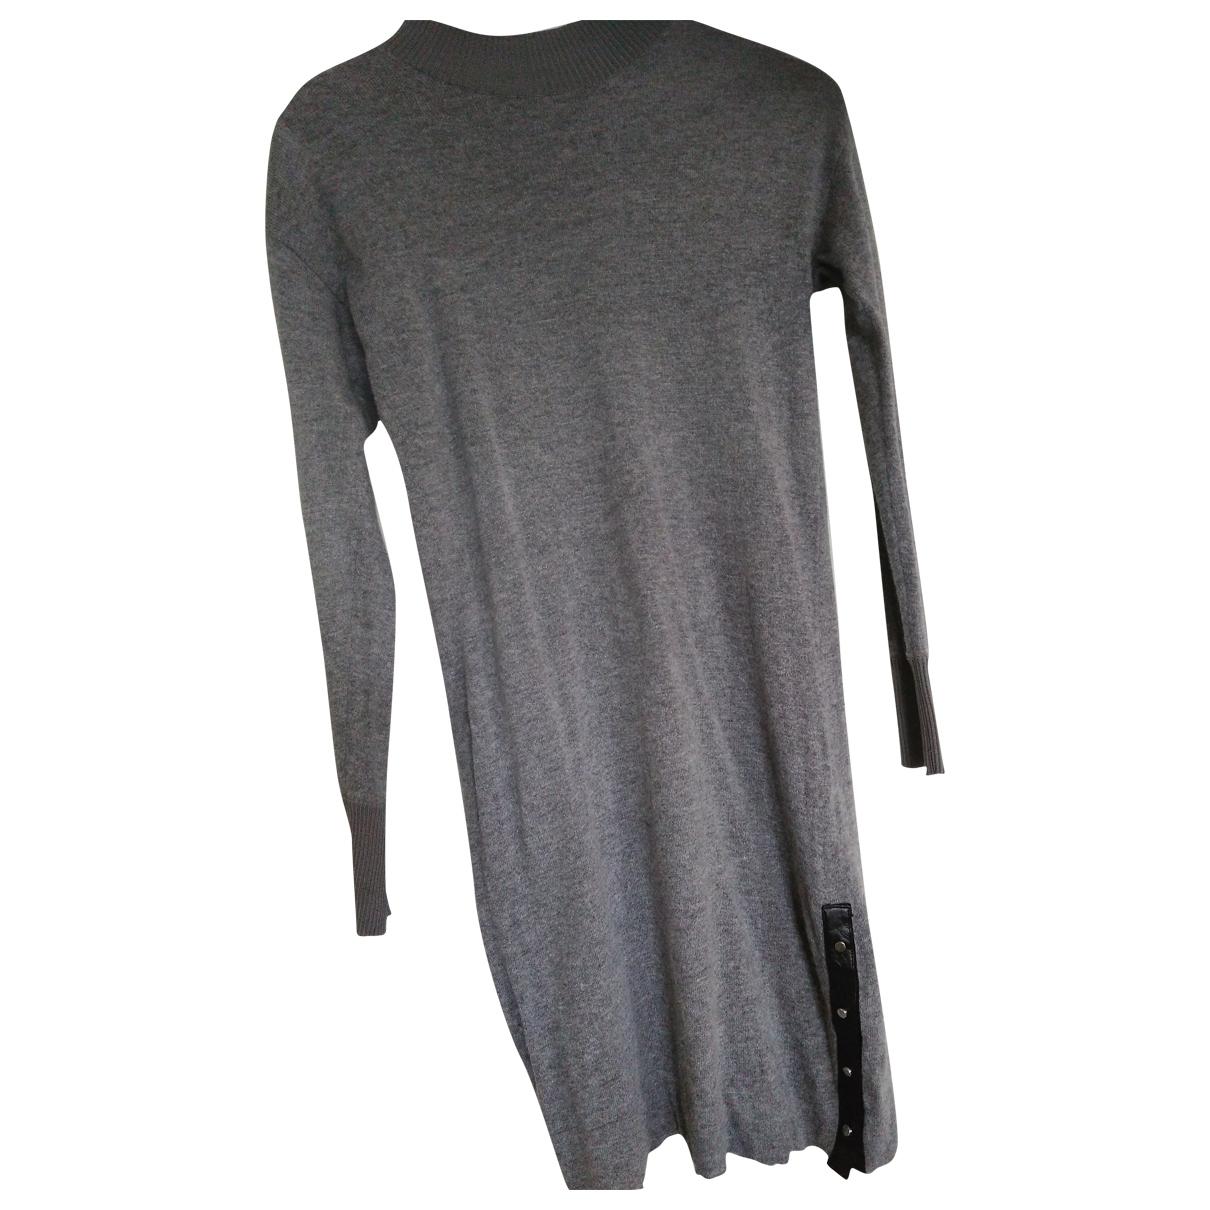 Diesel \N Kleid in  Grau Viskose